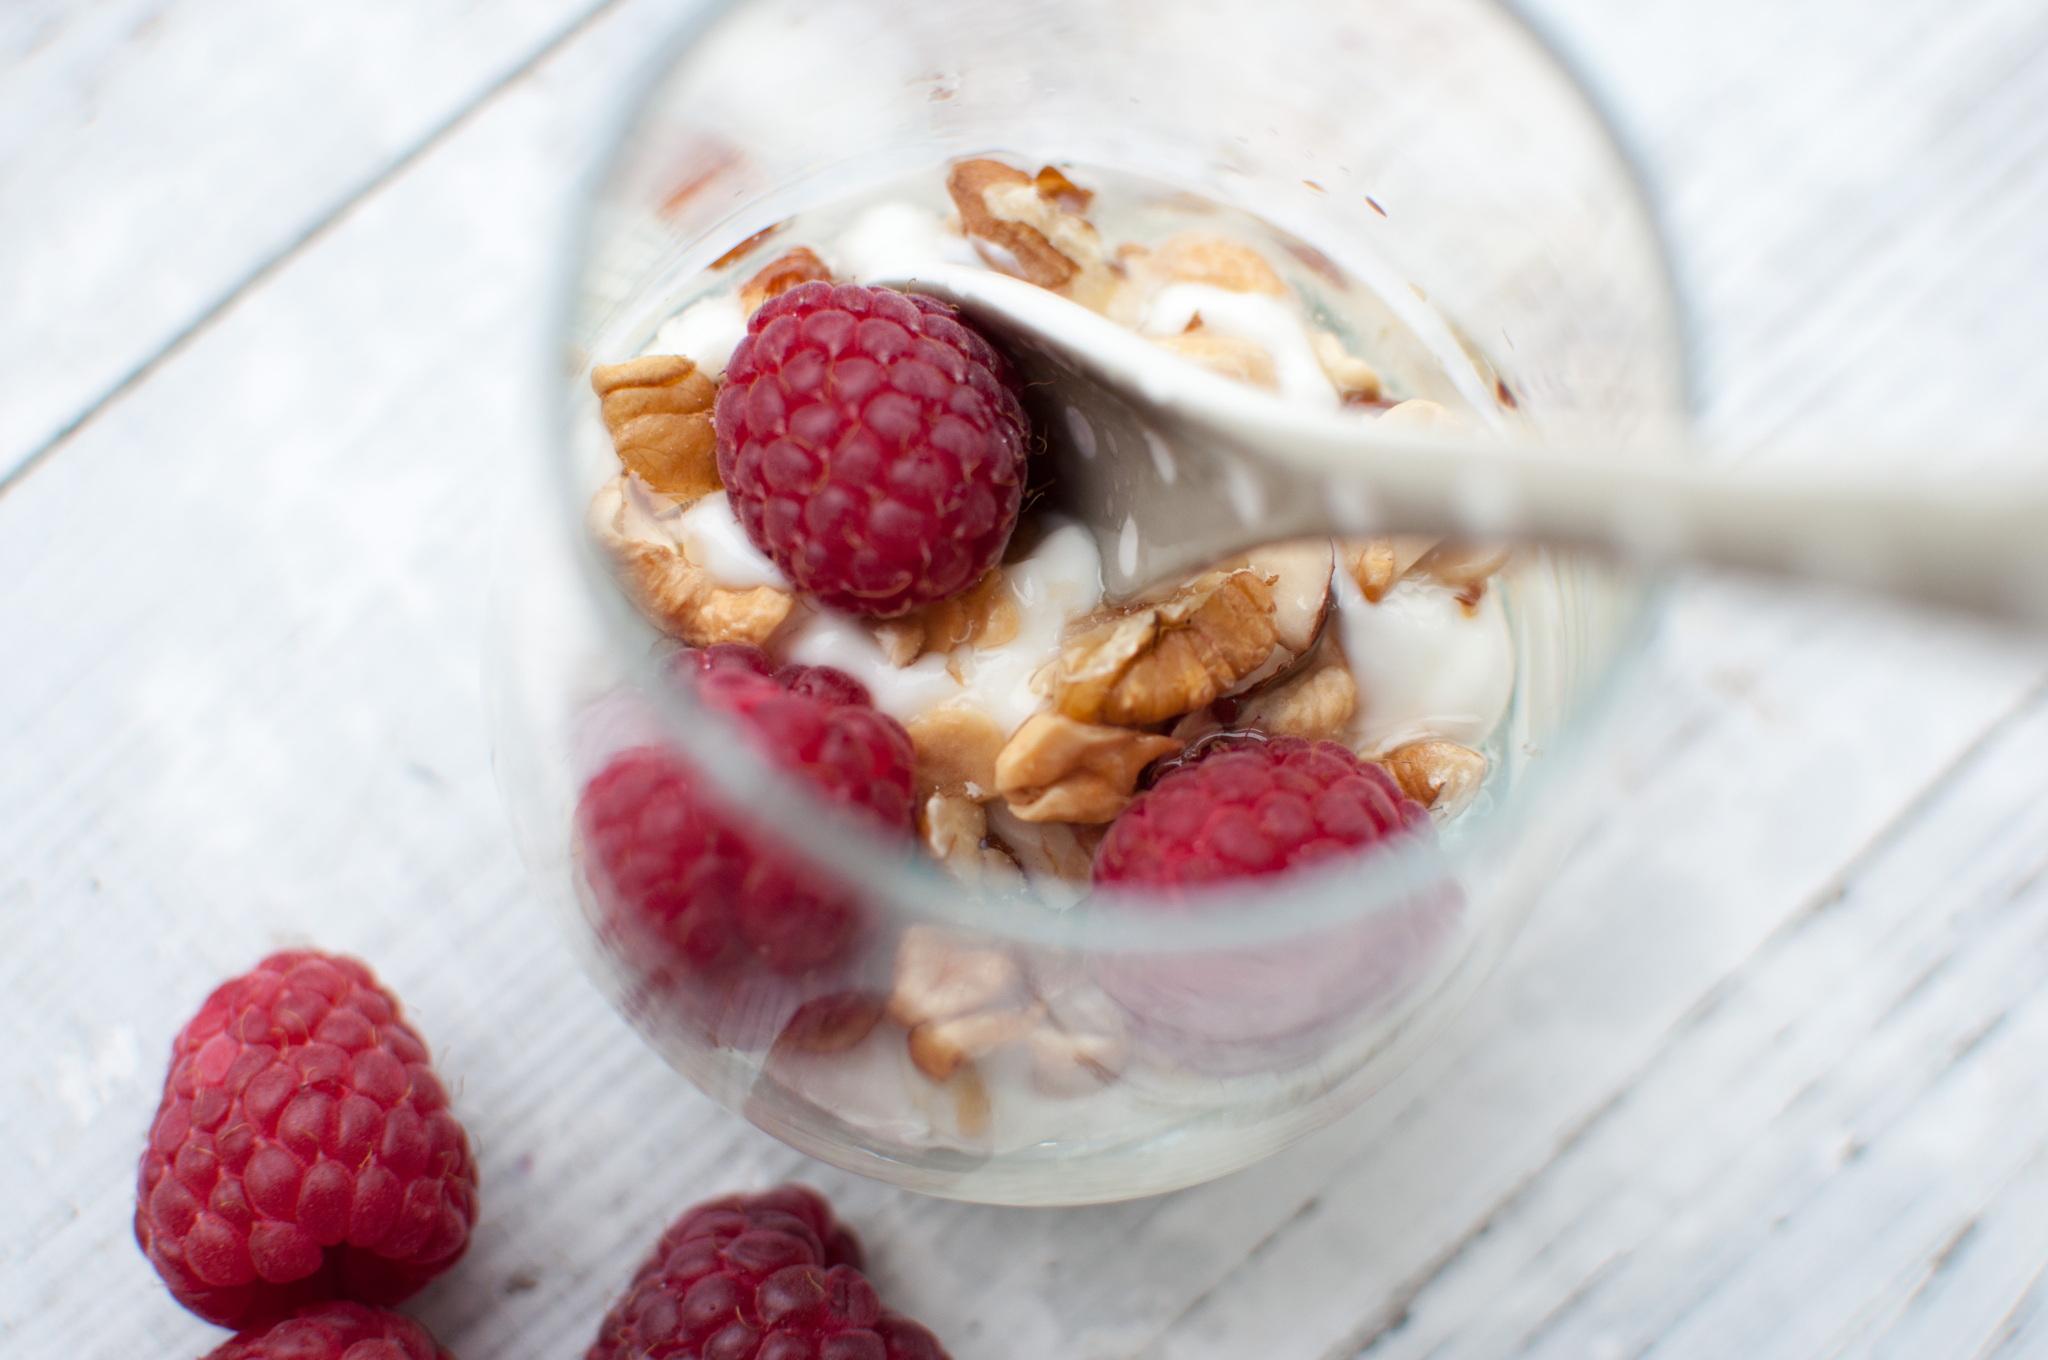 gresk yoghurt dessert